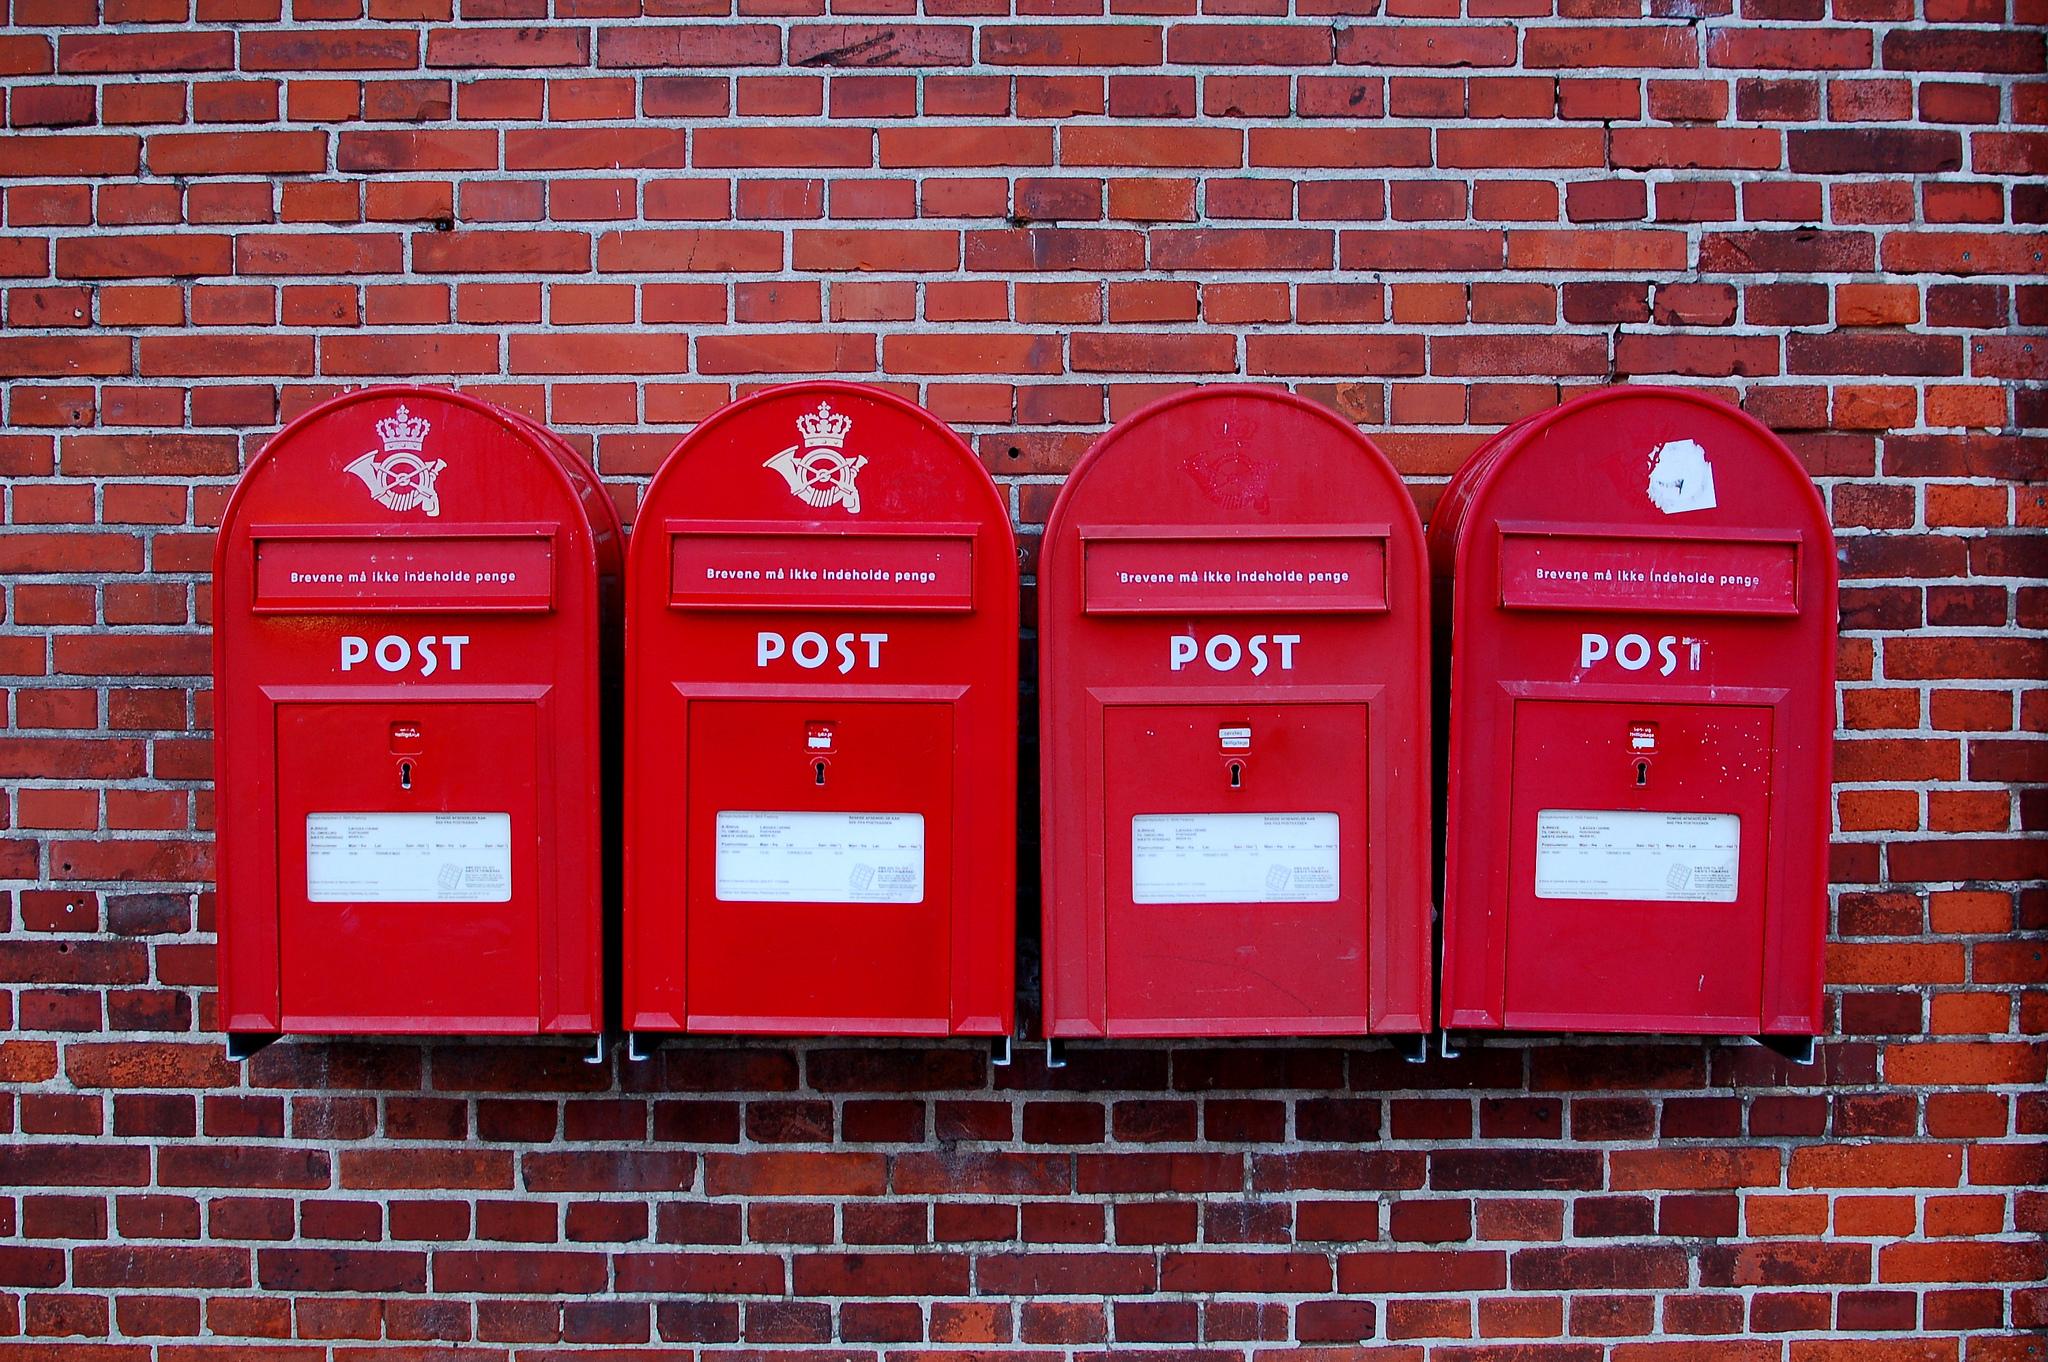 Post_Danmark